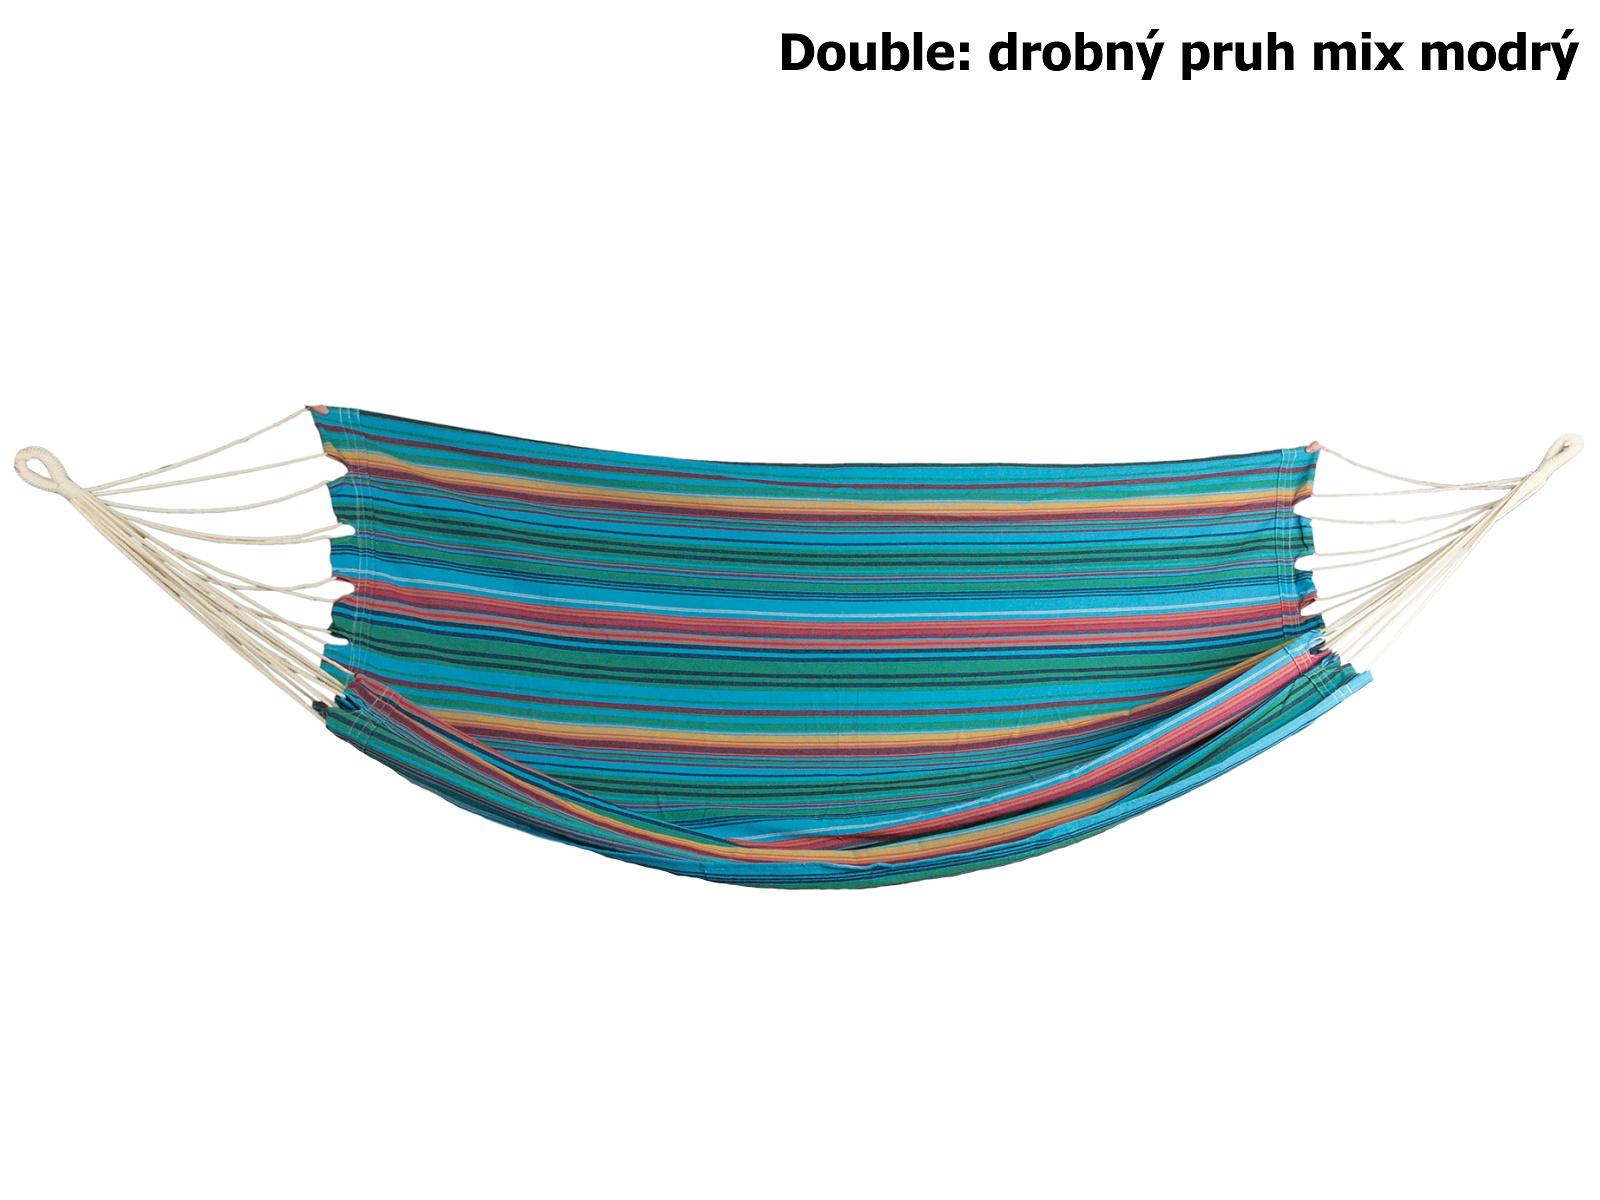 Houpací síť SPOKEY Double, drobný pruh mix modrý